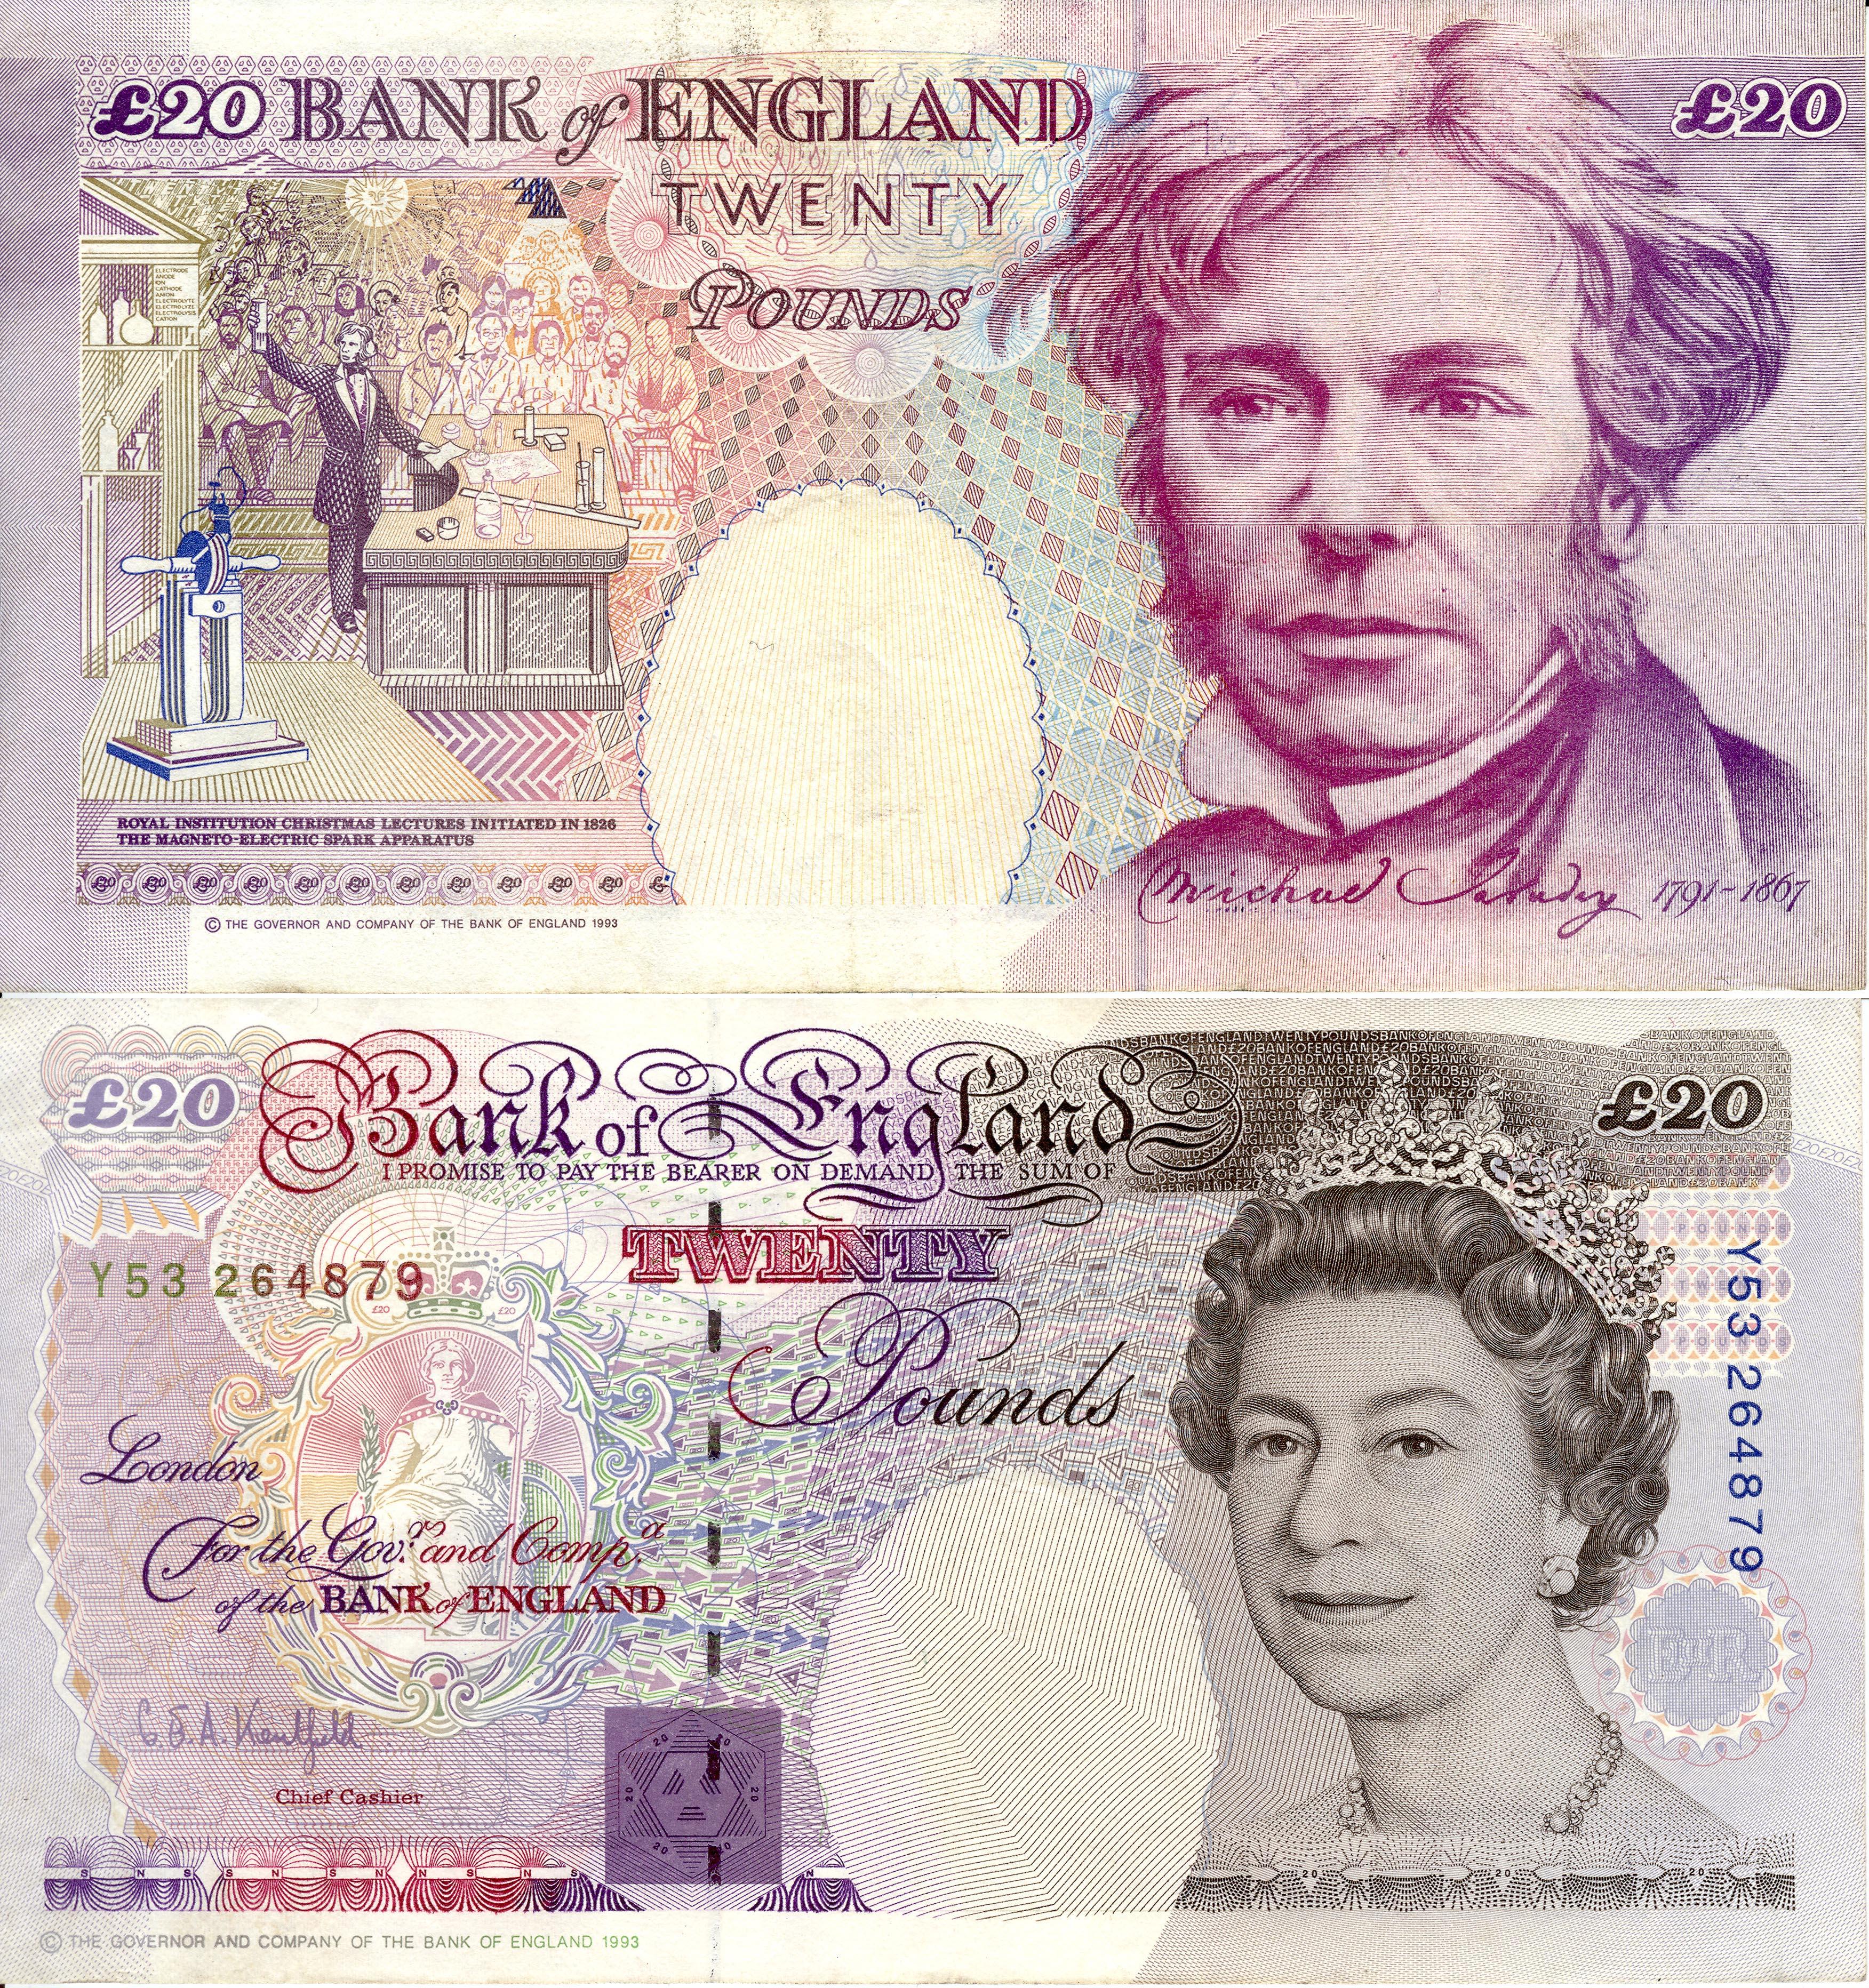 Michael faraday 20 british pounds 1993